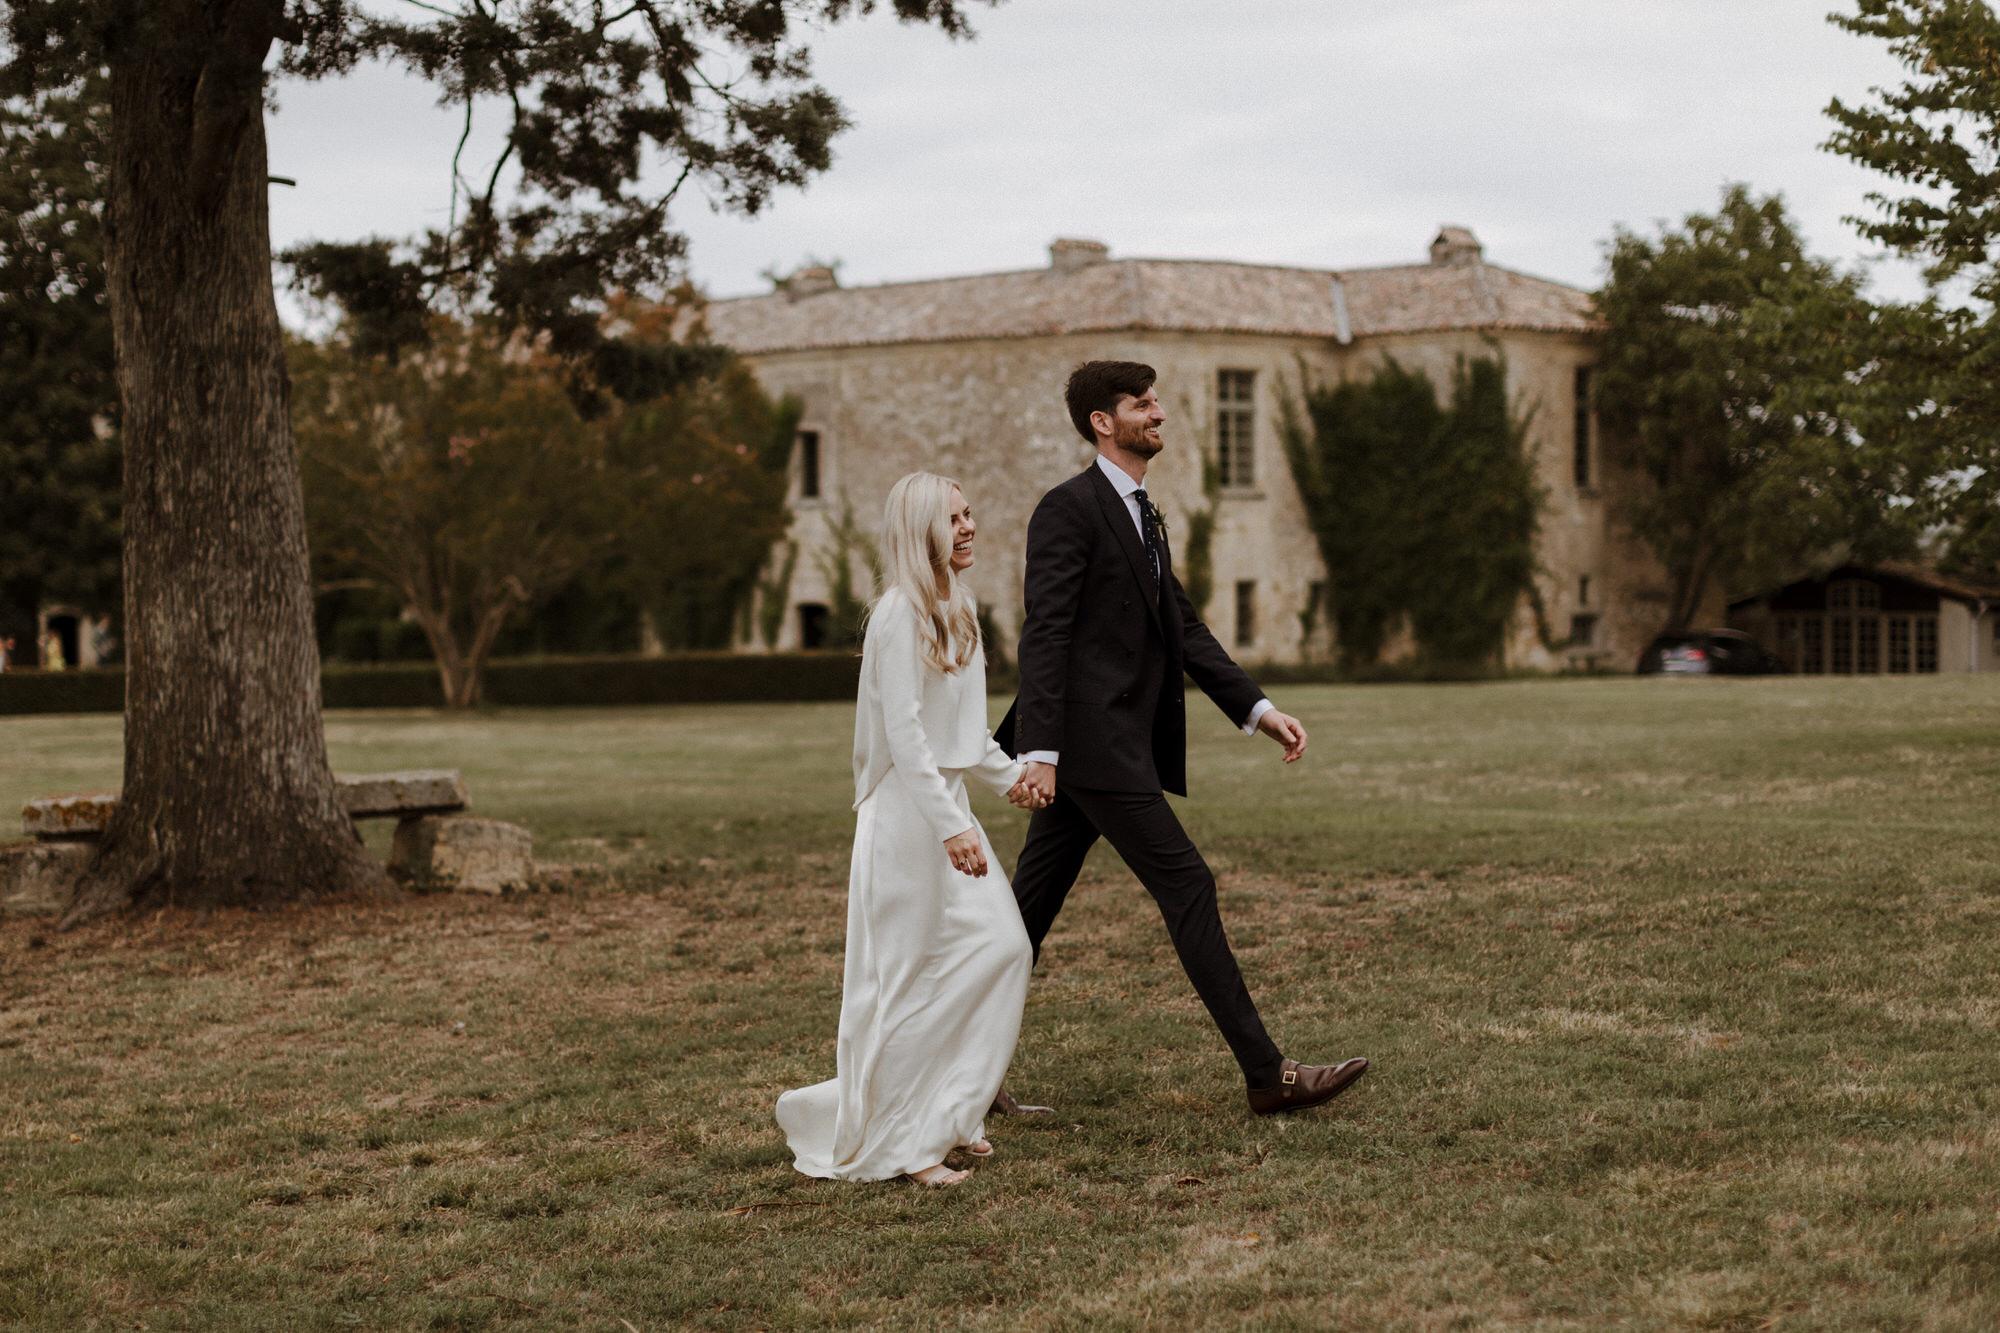 Chateau Rigaud Wedding Photography 17-12-31-1Q5A2718-R+L.jpg